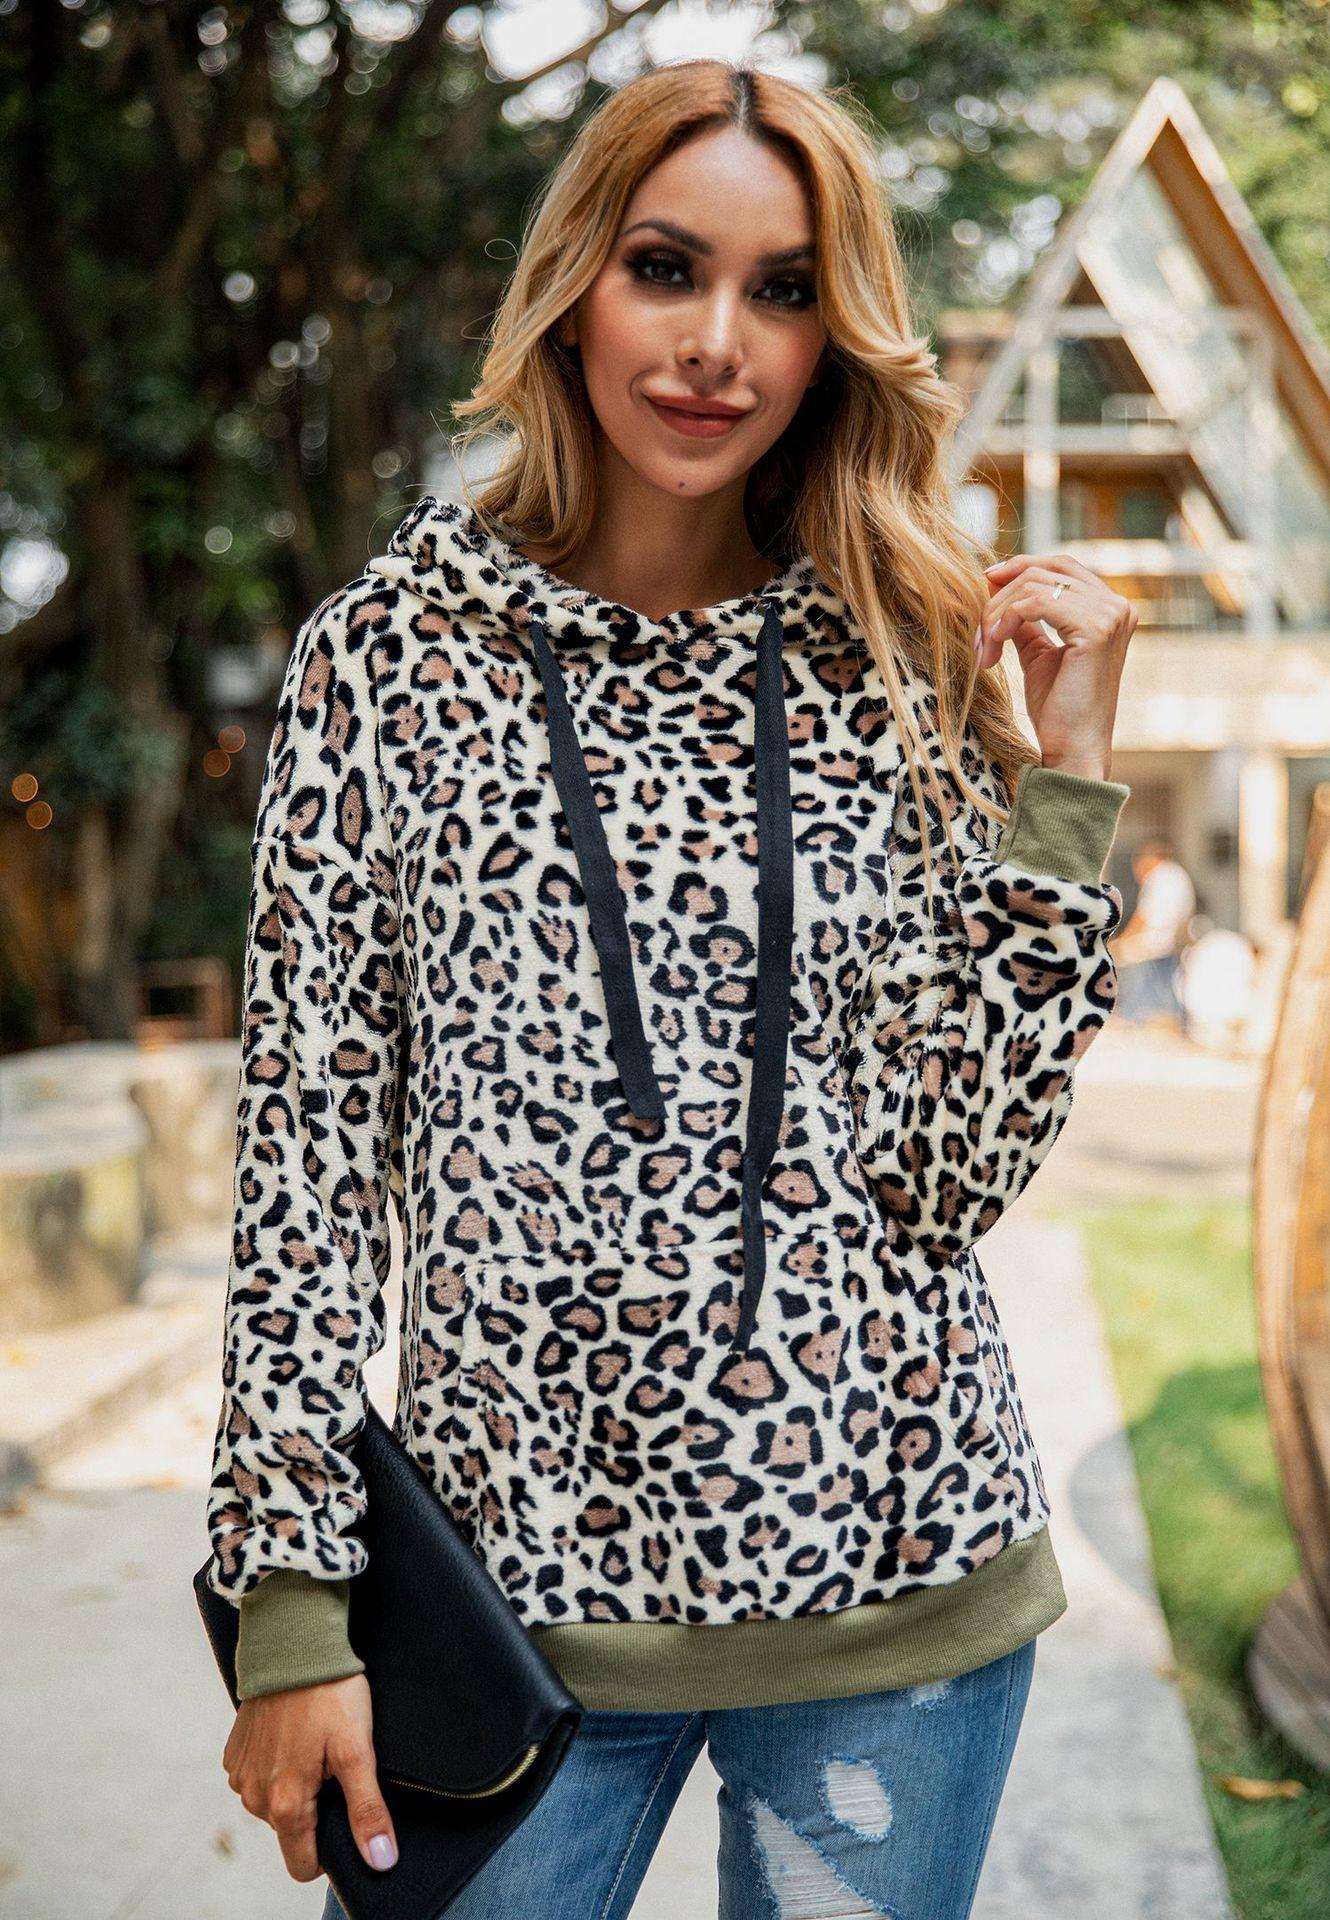 Зимняя уличная одежда леопардовые теплые толстые толстовки женские